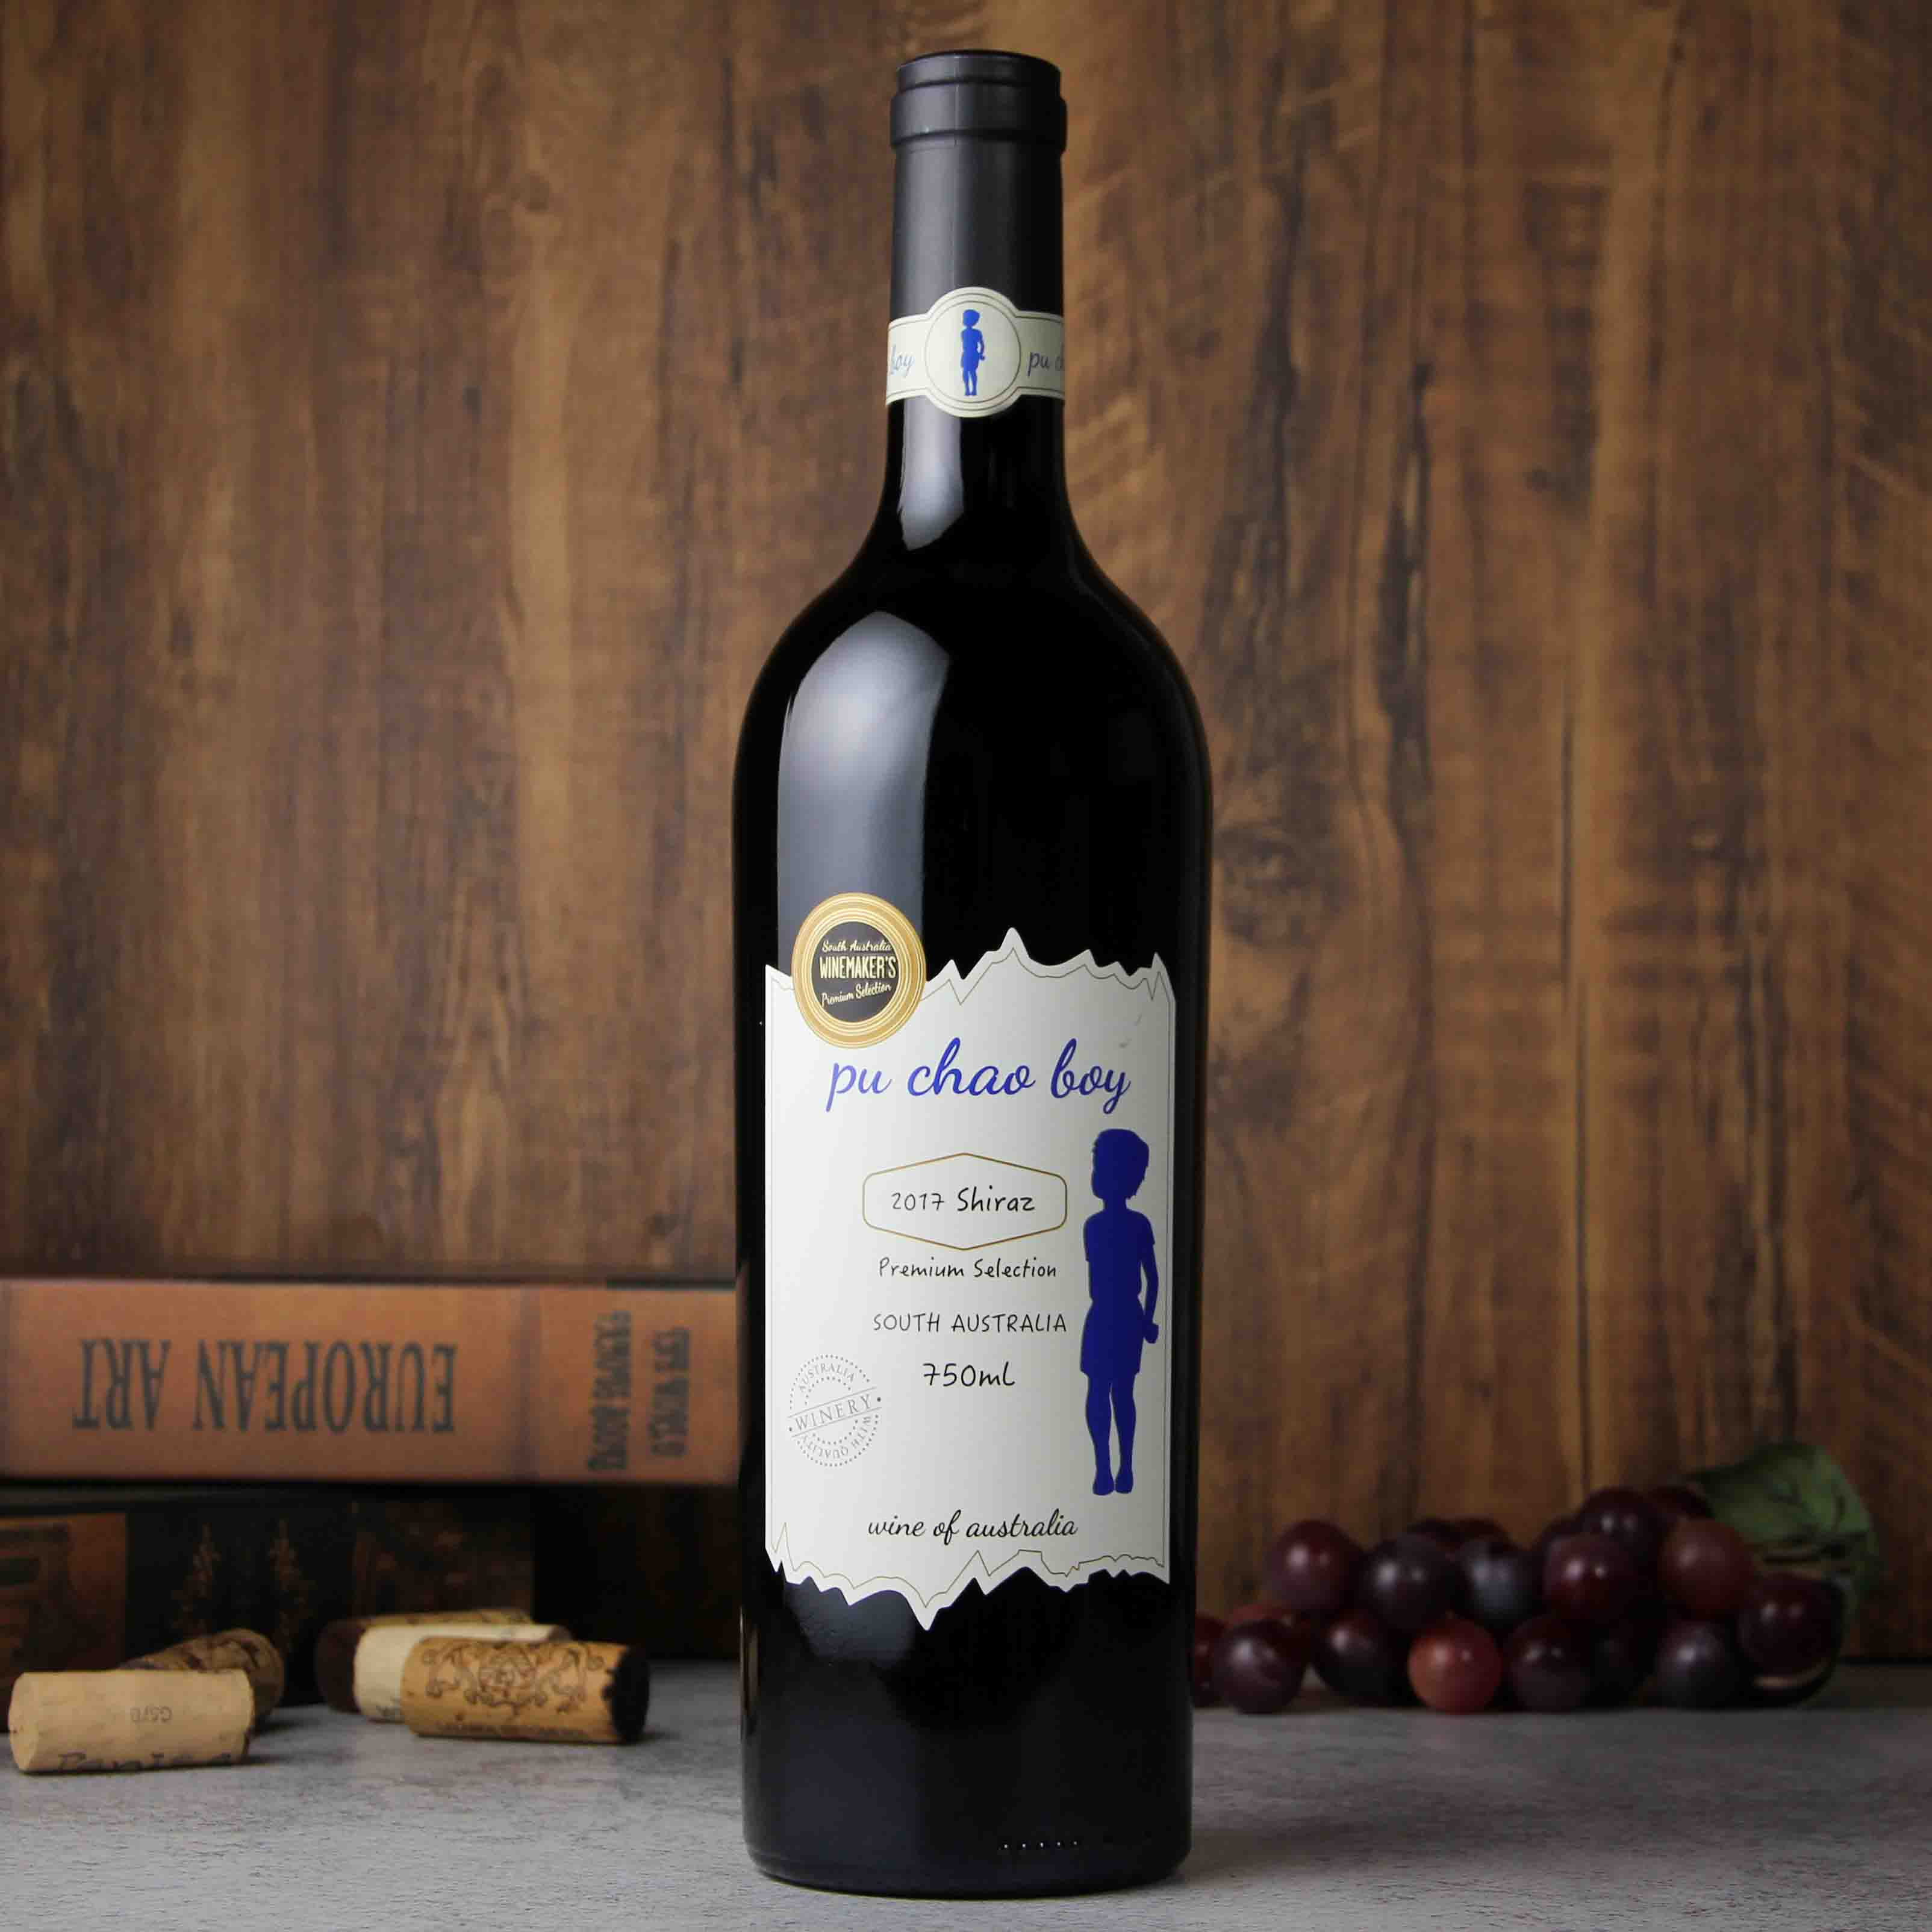 澳大利亚南澳老男孩蓝牌西拉红葡萄酒